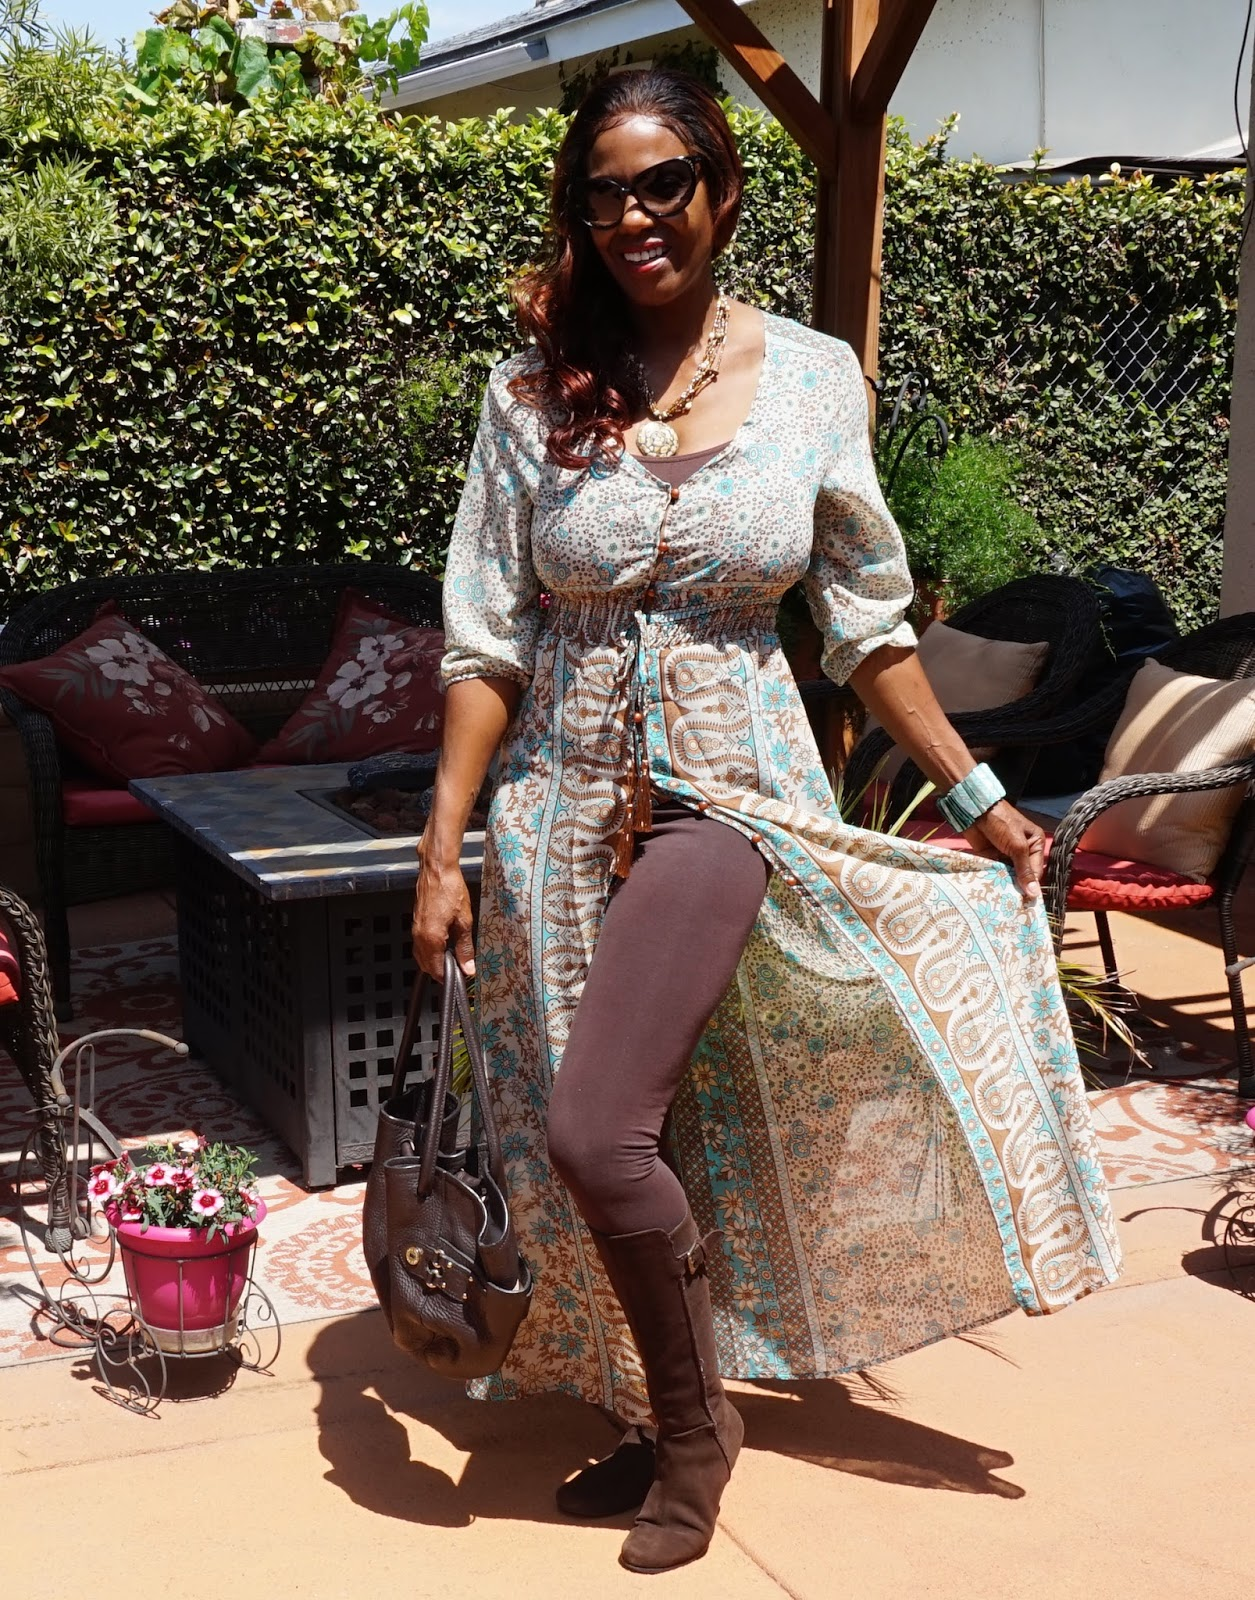 Fun Fierce Fabulous Beauty Over 50 Fashion Boho Sheer Floral Maxi Button Down Dress